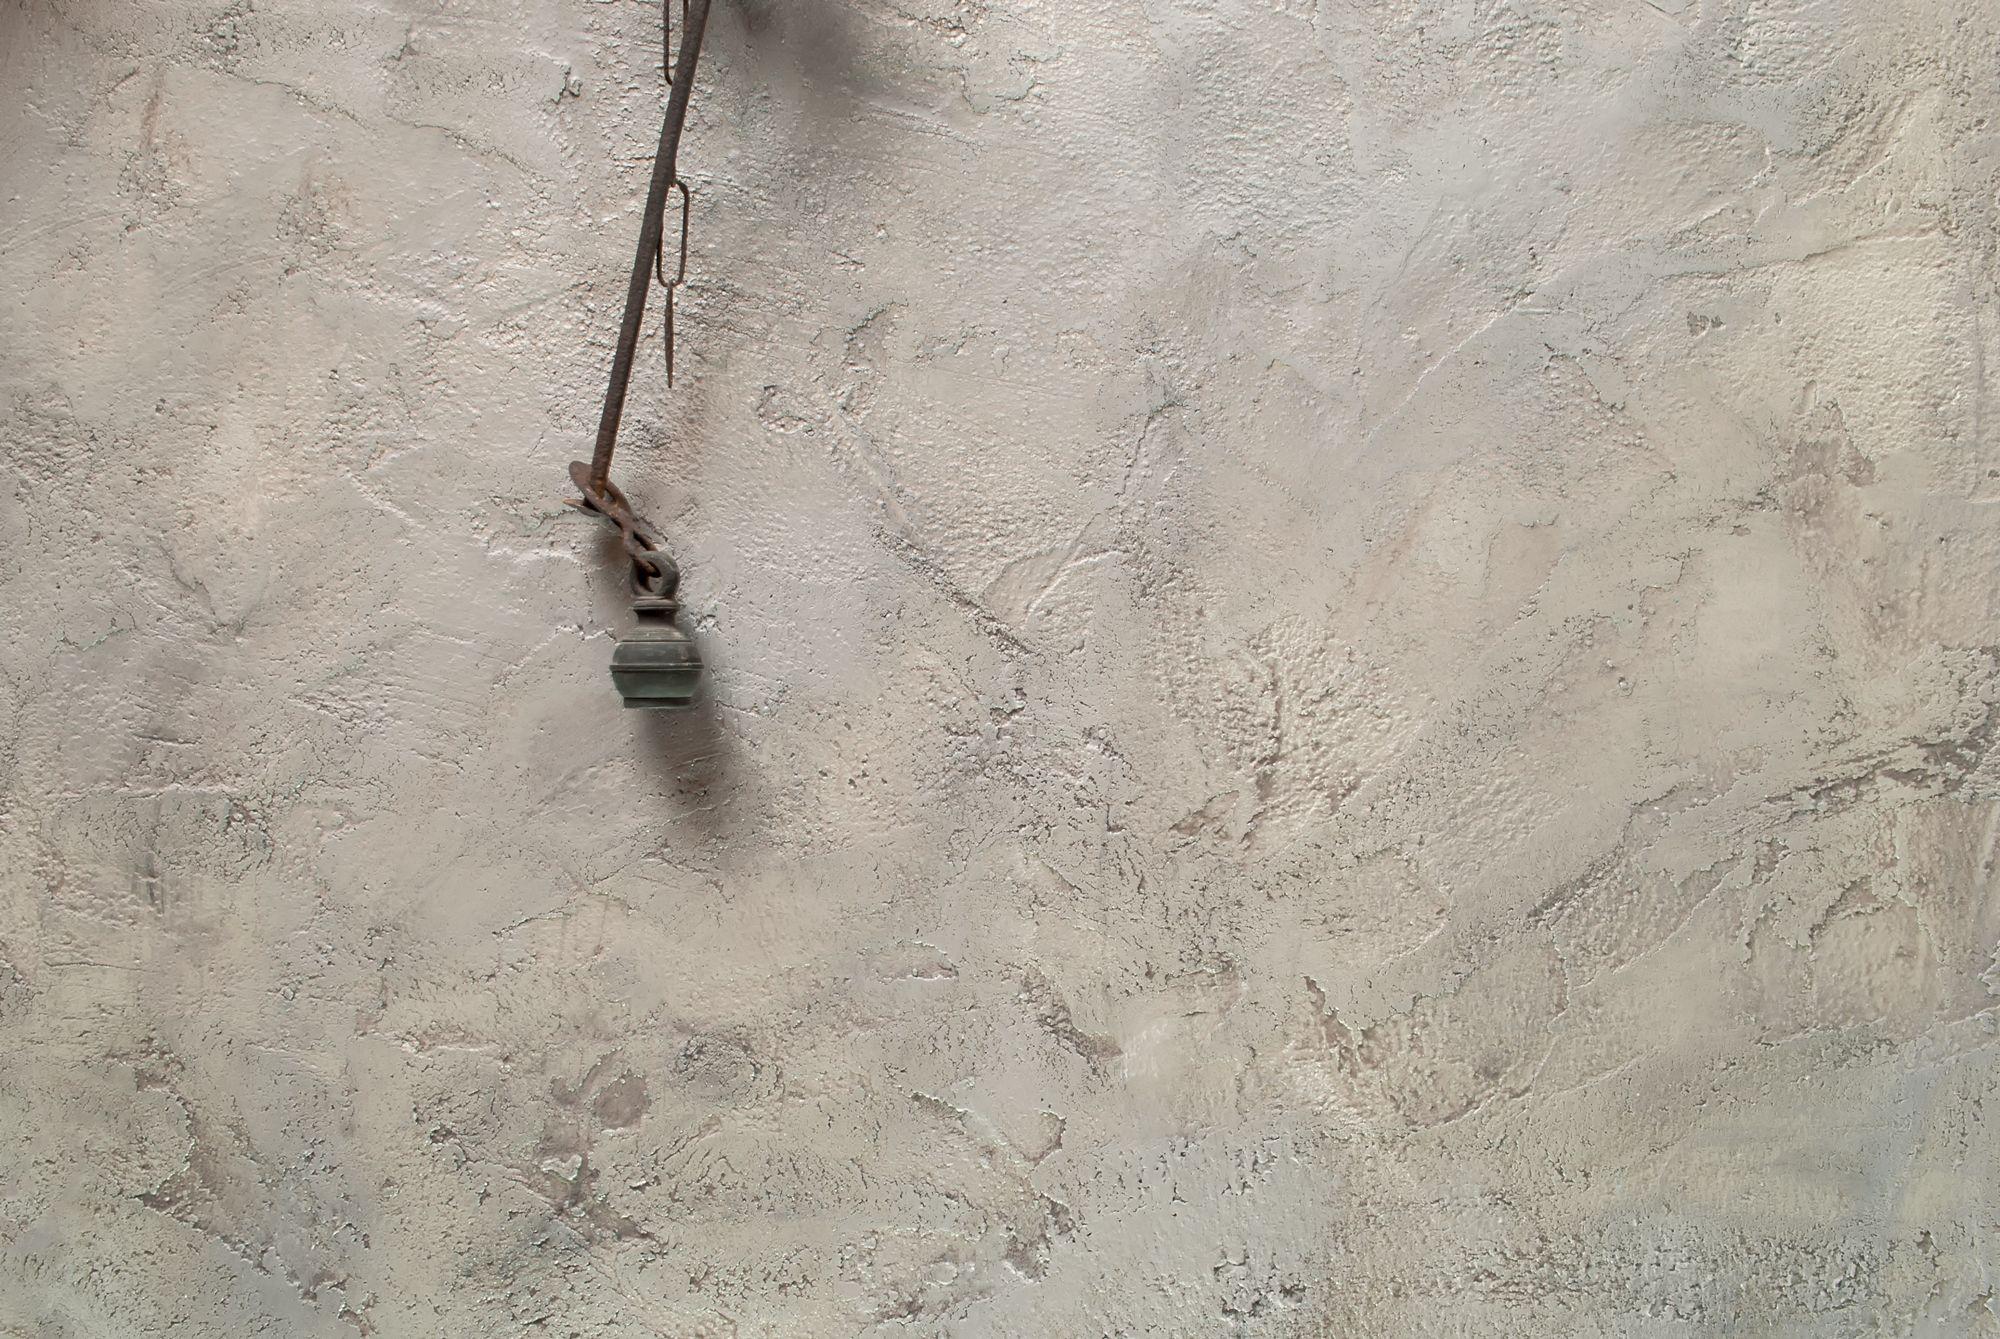 Finitura In Resina Effetto Spatolato Cemento Bagno In Stile Industriale Resine Cemento